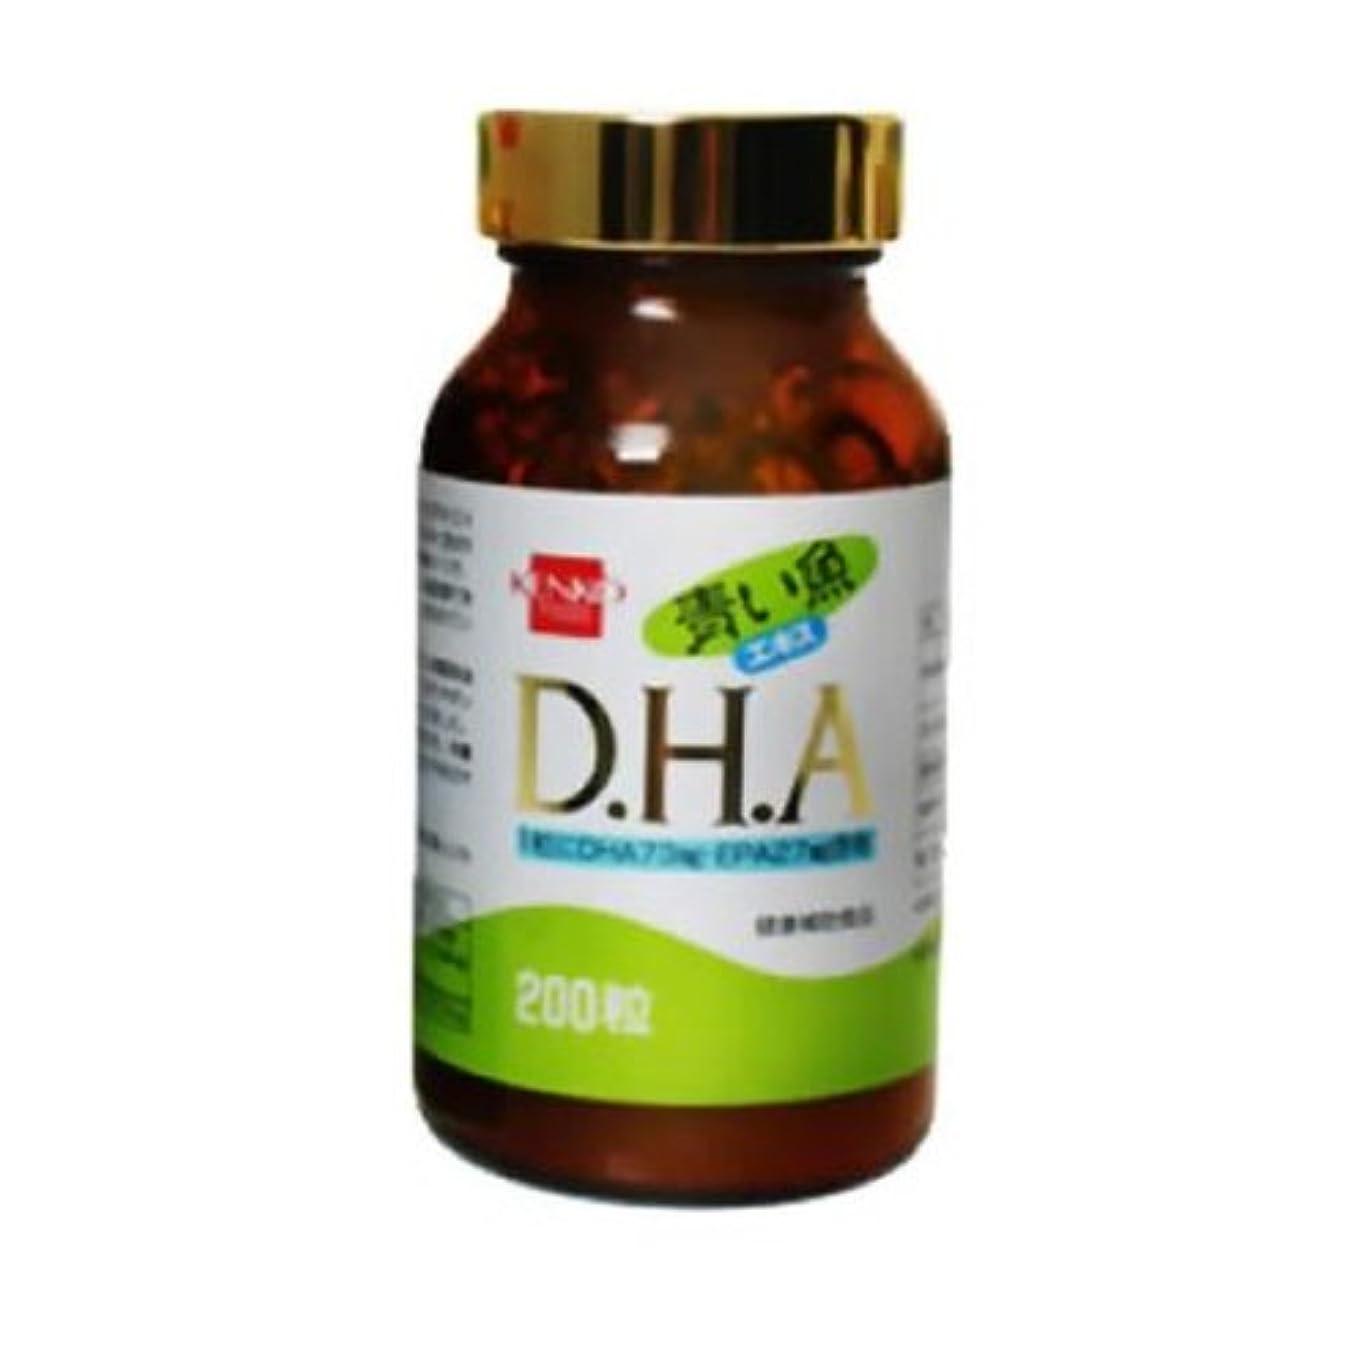 君主制側ブロック青い魚エキス DHA EPA 200粒